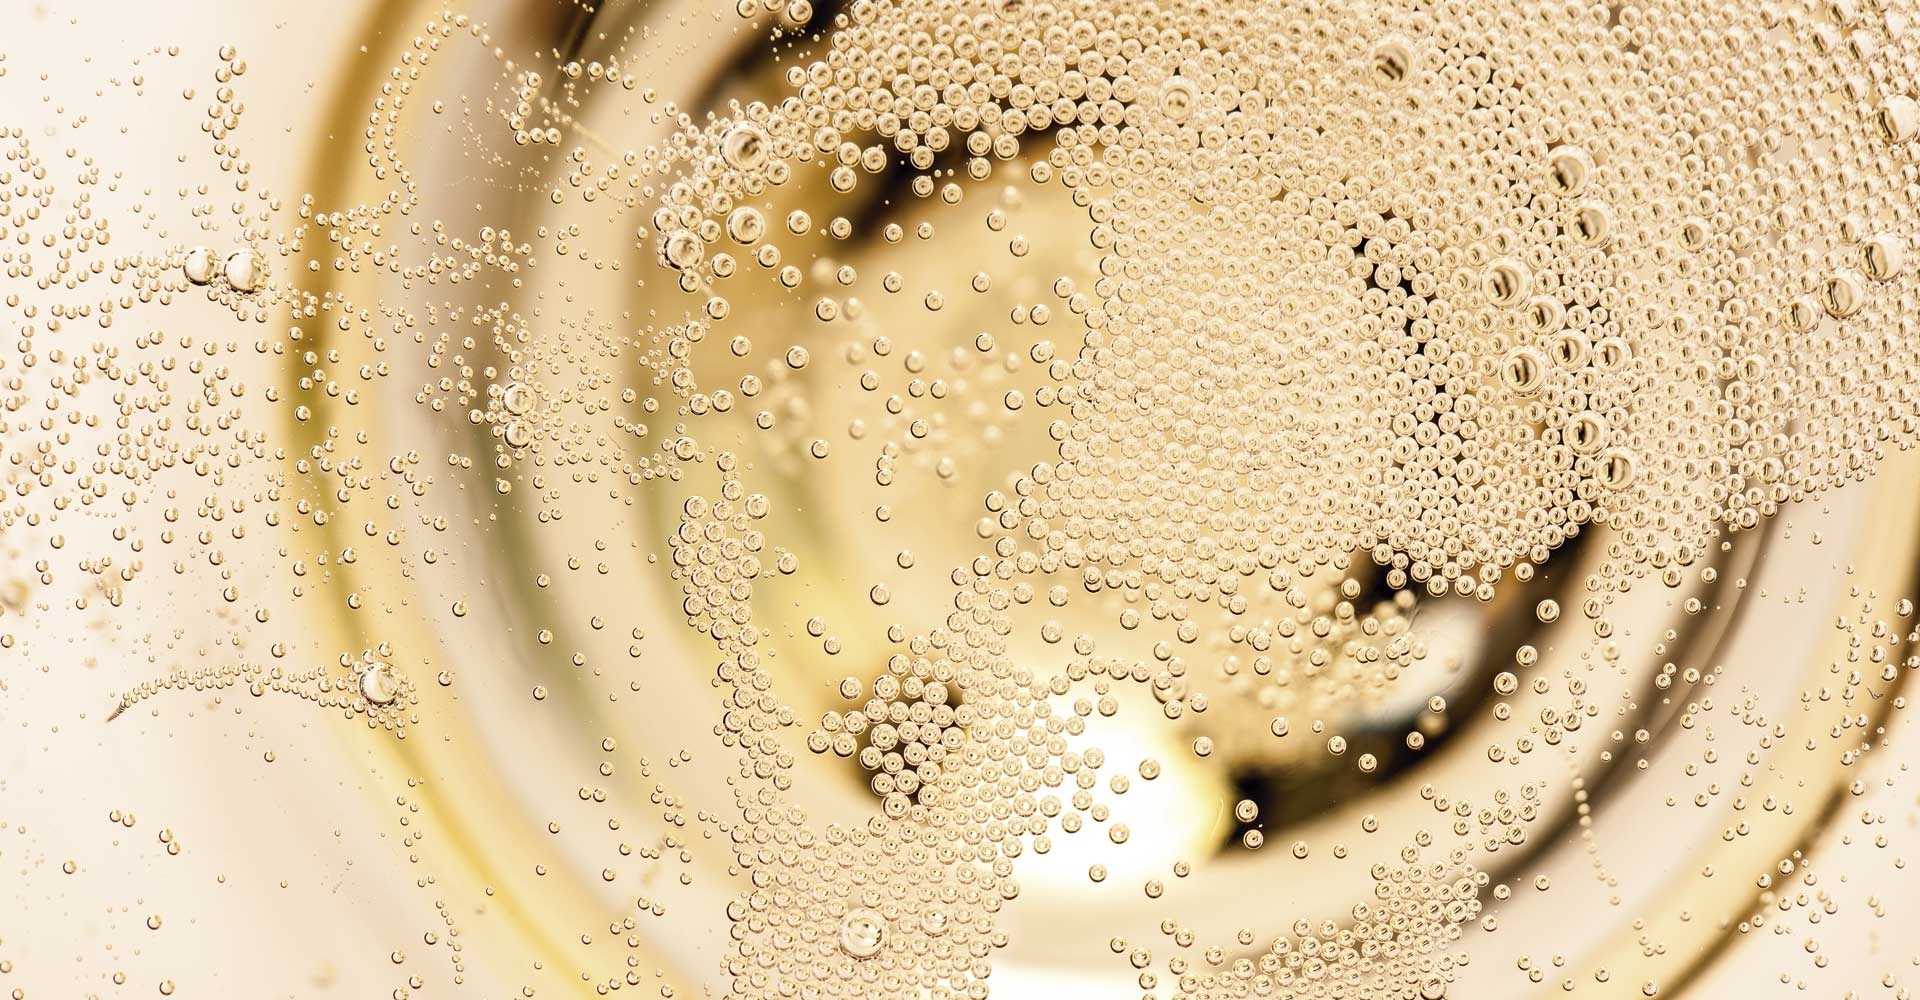 Texto: as bolhas presentes no champagne são chamadas de perlage.